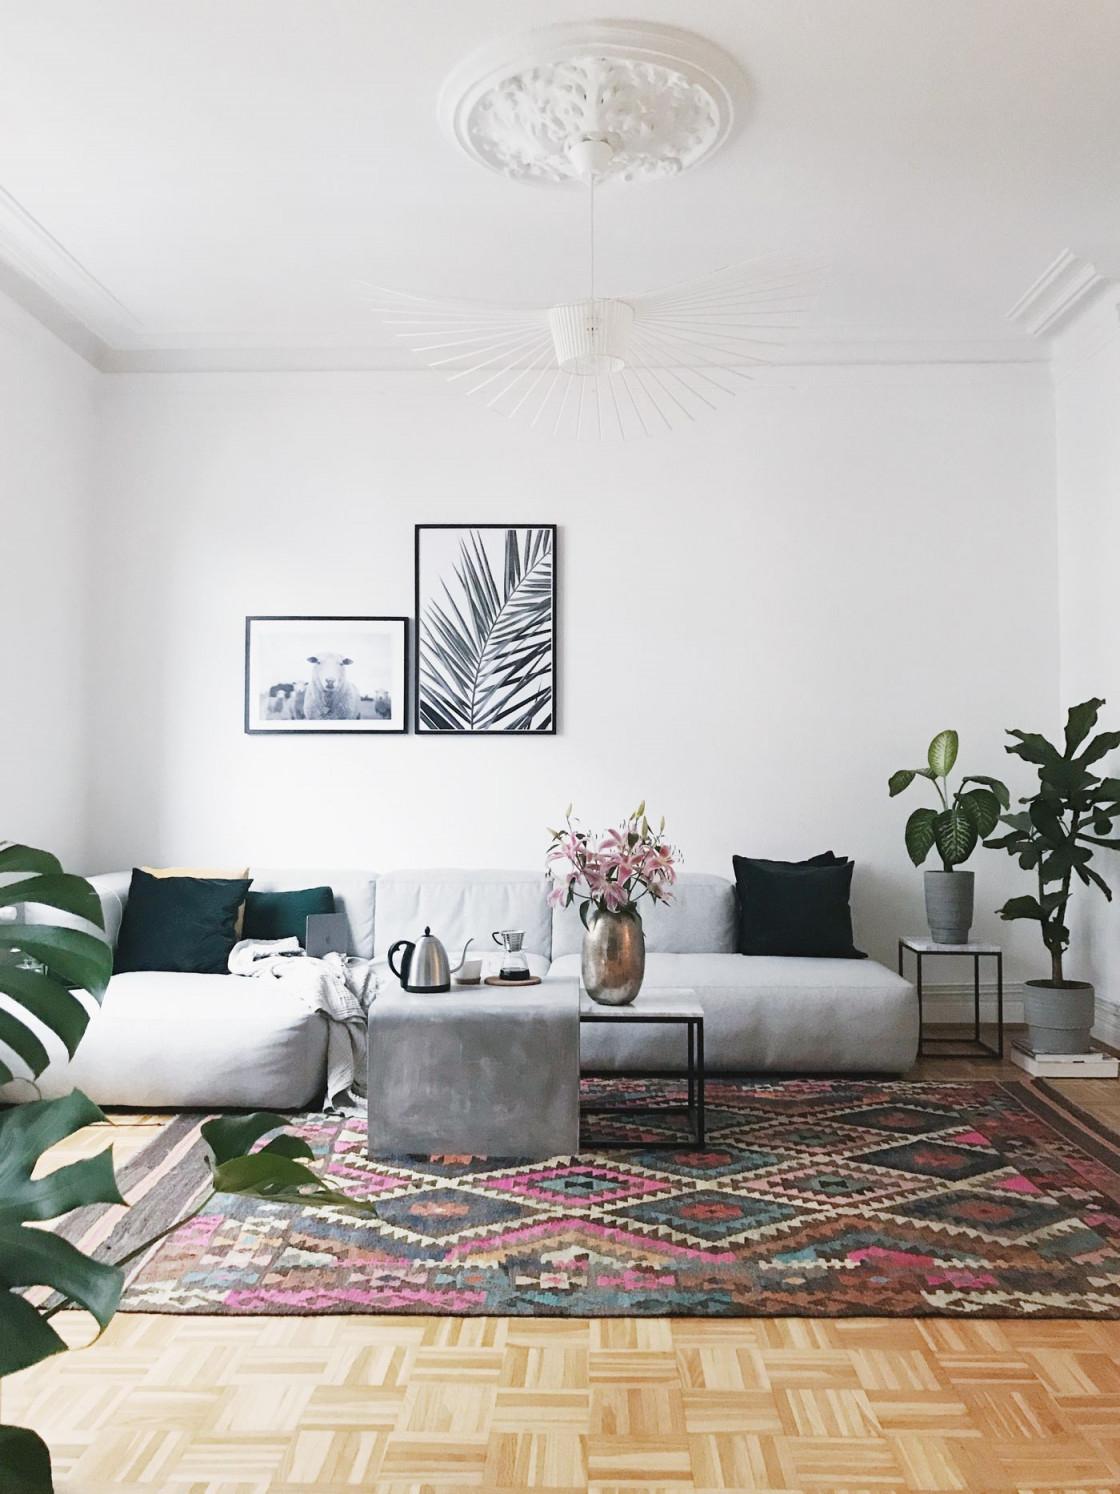 Die Schönsten Wohnzimmer Deko Ideen von Deko Wohnzimmer Bilder Bild